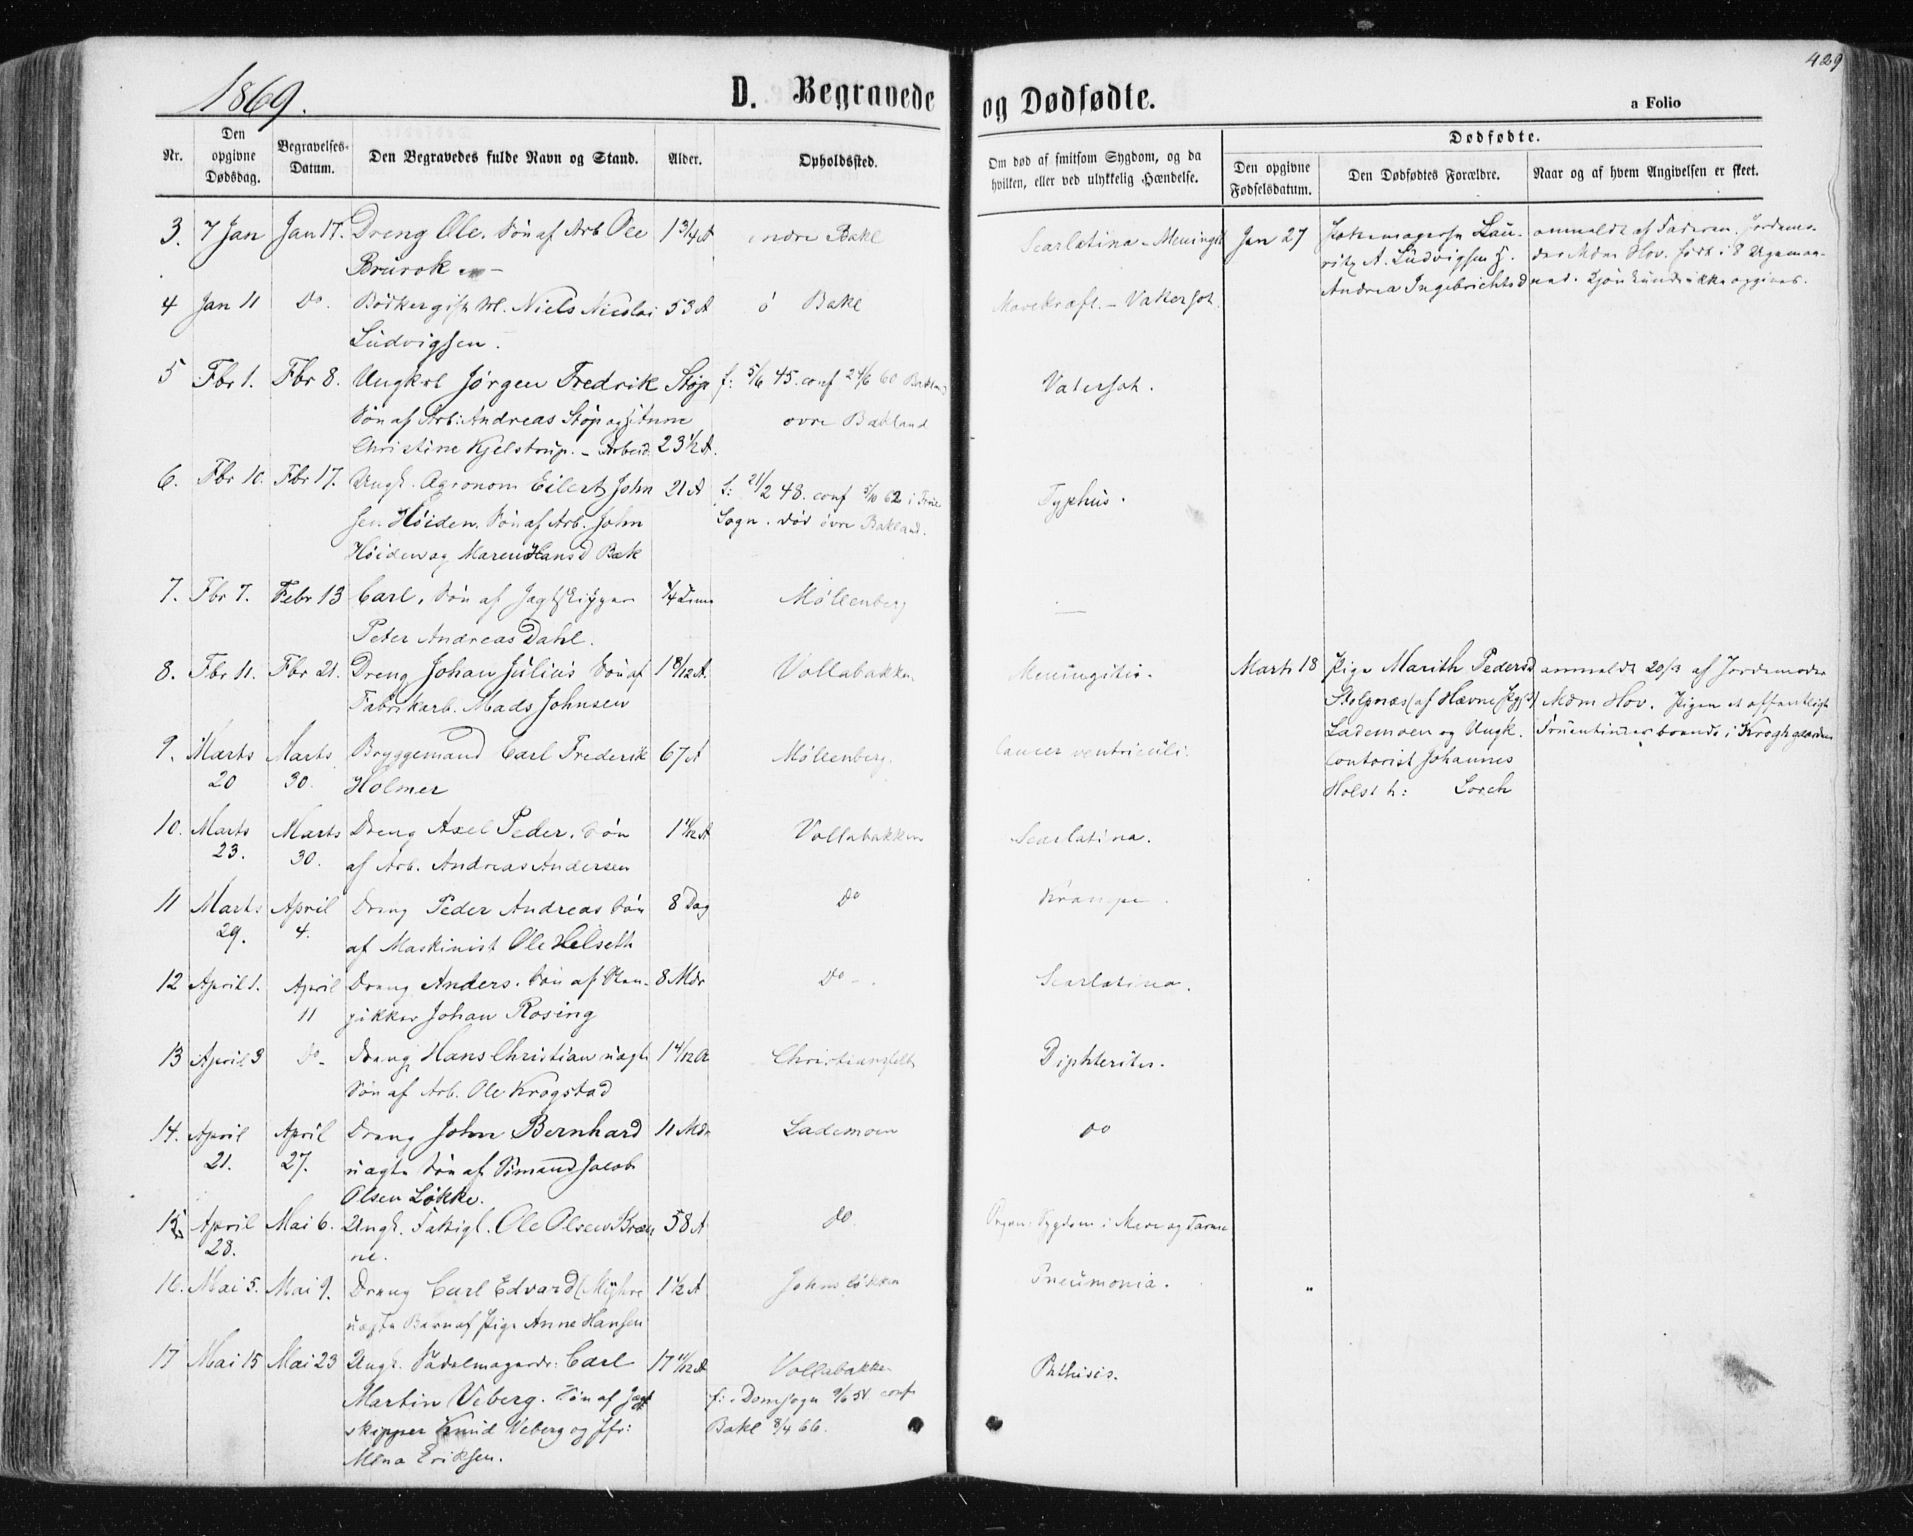 SAT, Ministerialprotokoller, klokkerbøker og fødselsregistre - Sør-Trøndelag, 604/L0186: Ministerialbok nr. 604A07, 1866-1877, s. 429